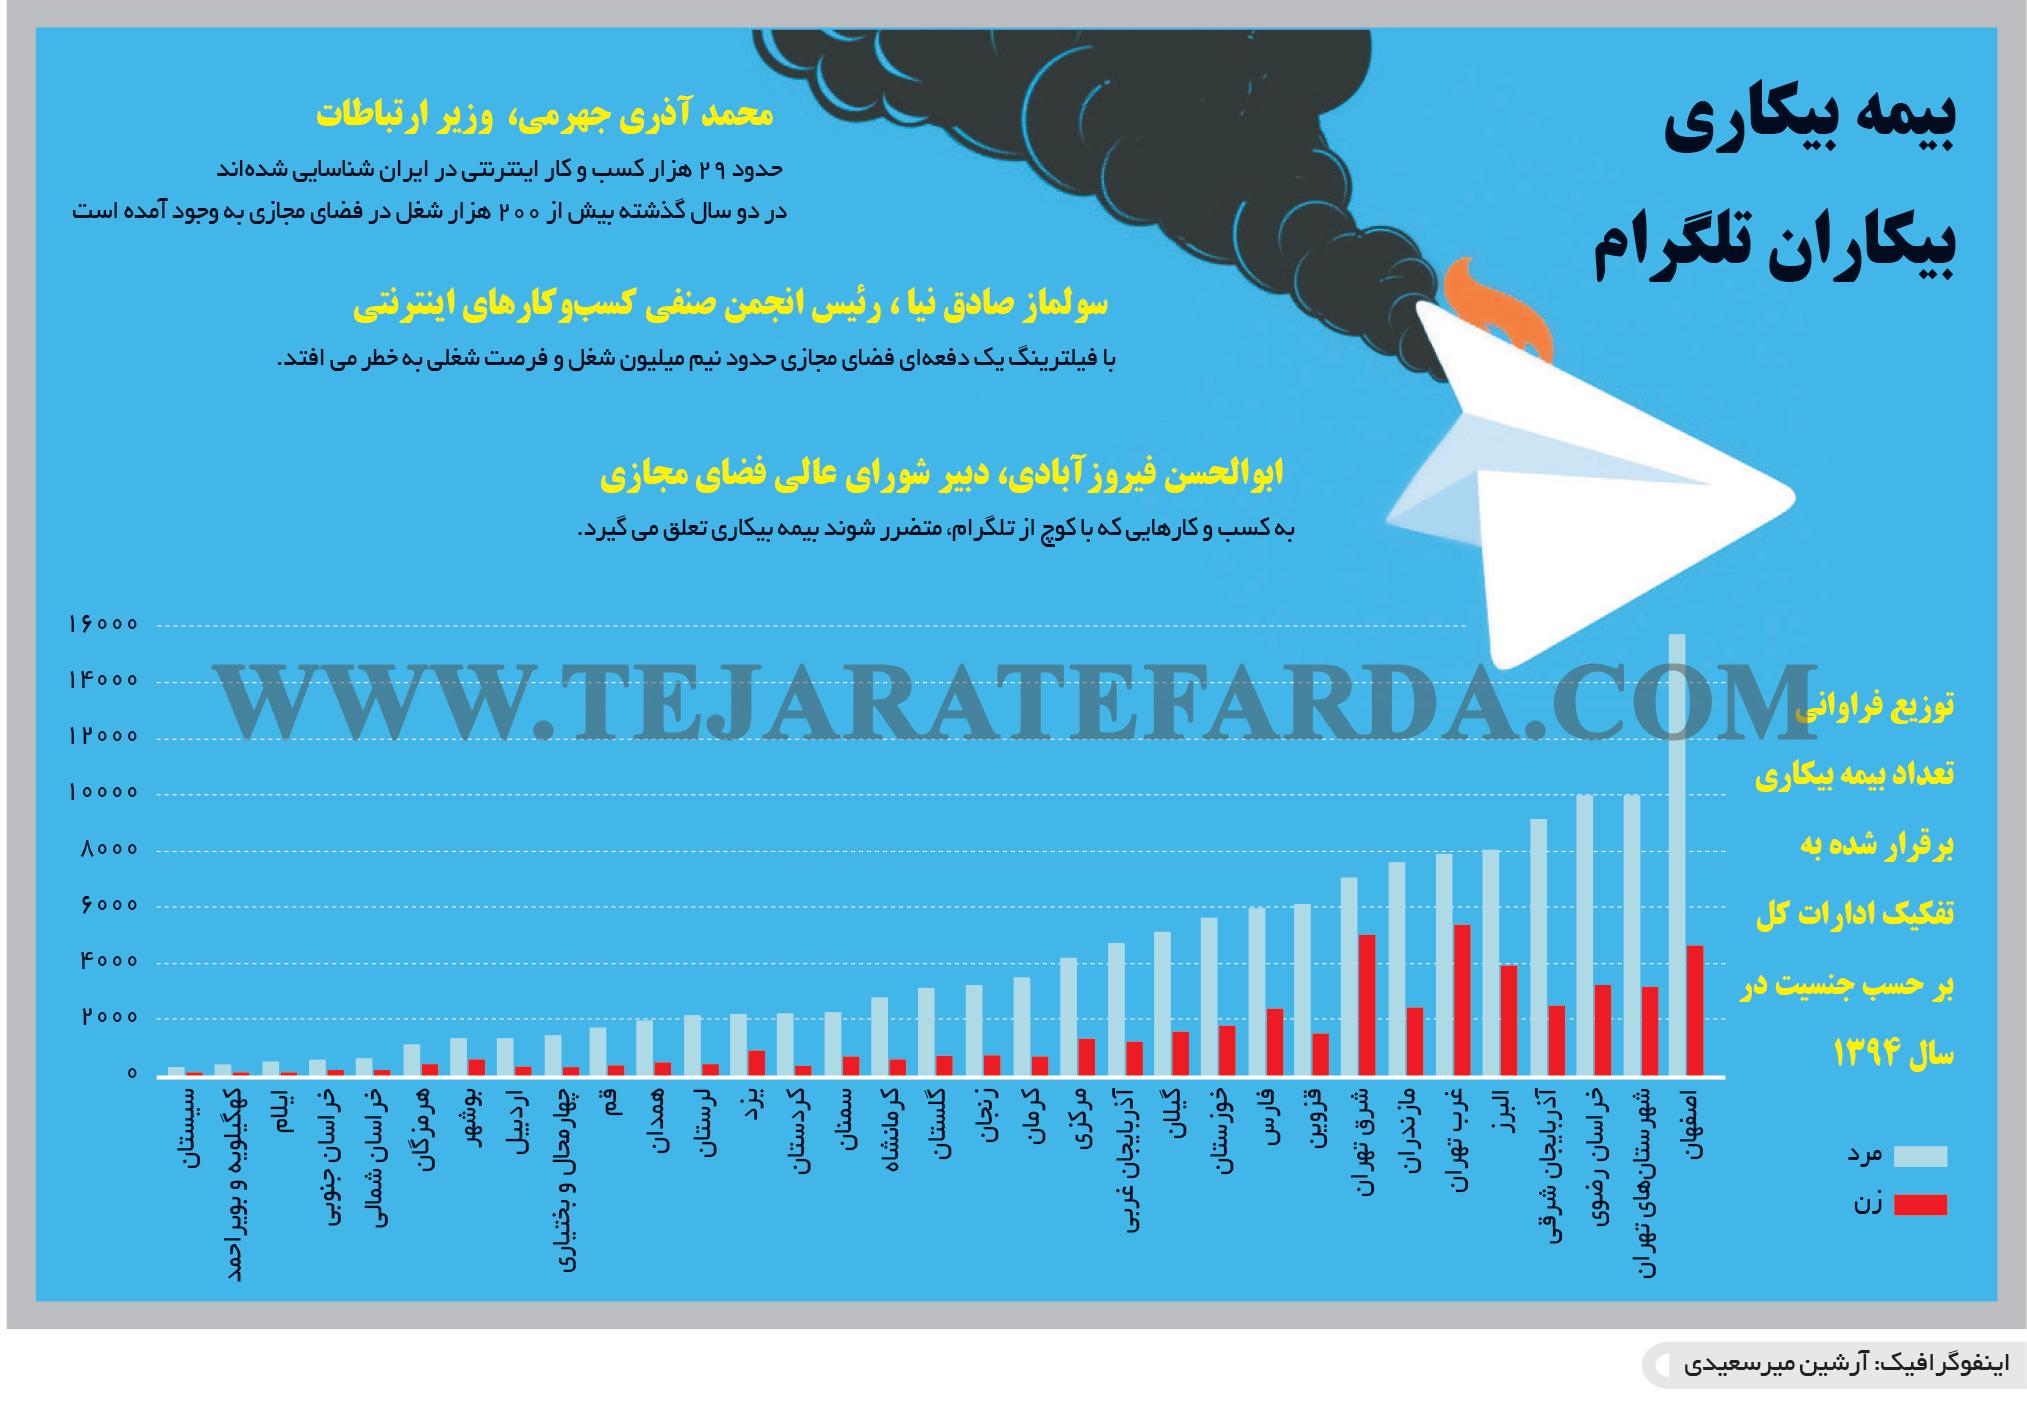 تجارت فردا- اینفوگرافیک- بیمه بیکاری بیکاران تلگرام